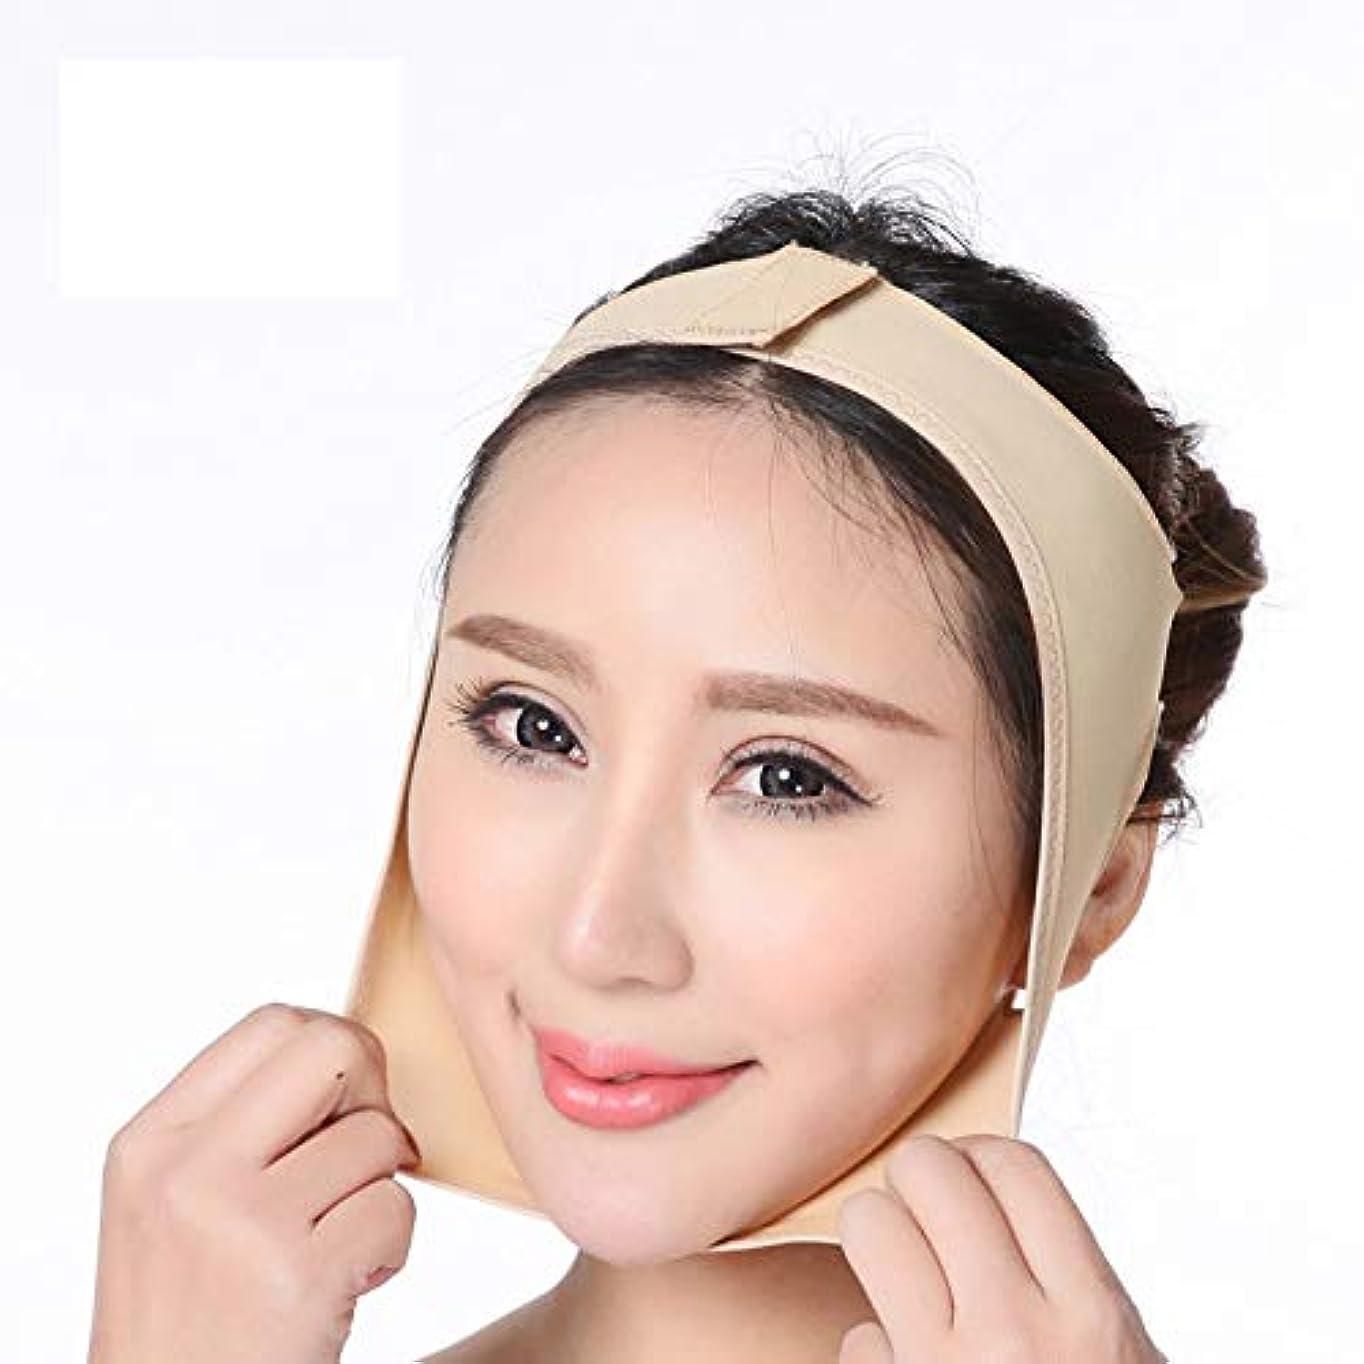 威する不十分ブームフェイスリフト包帯、男女兼用の睡眠用薄型フェイスマスク/フェイスリフト器具,L